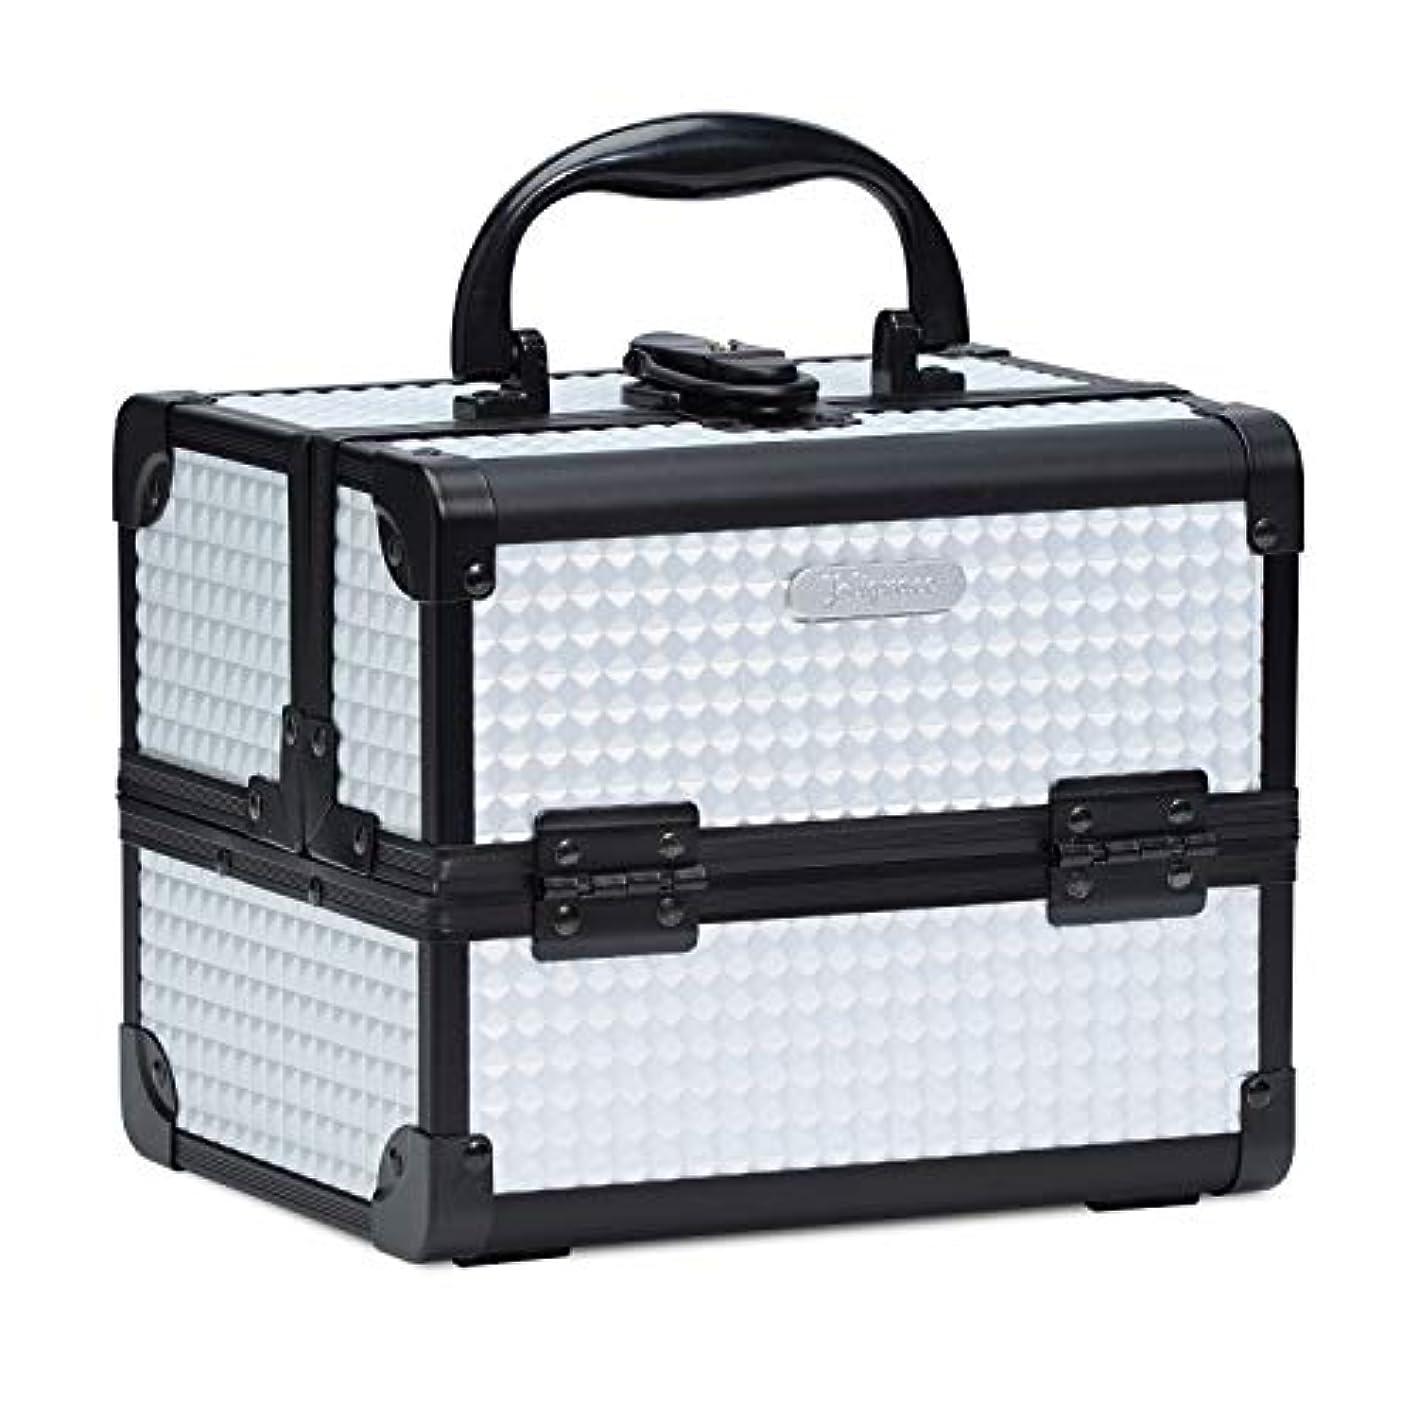 思われる合図気候Hapilife コスメボックス 鏡付き スライドトレイ メイク用品収納 プロ仕様 小型 化粧箱